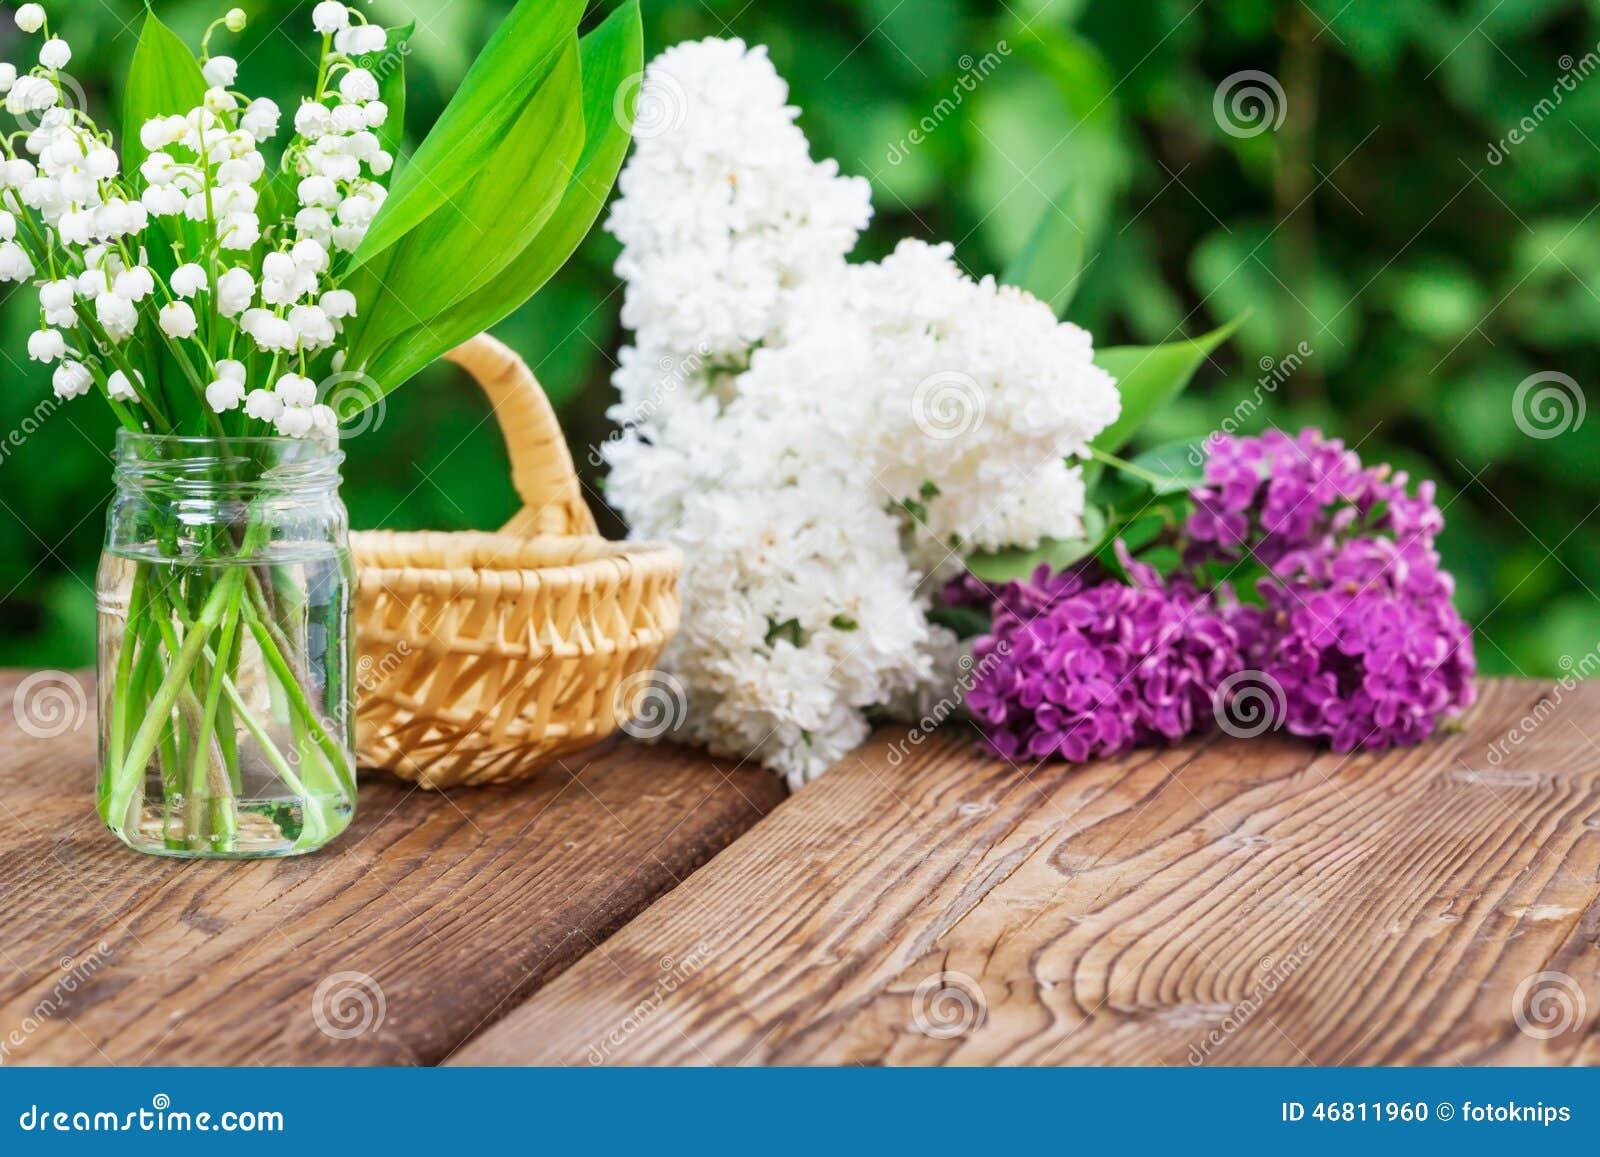 Le muguet et lilas photo stock image 46811960 for Bouquet de fleurs lilas